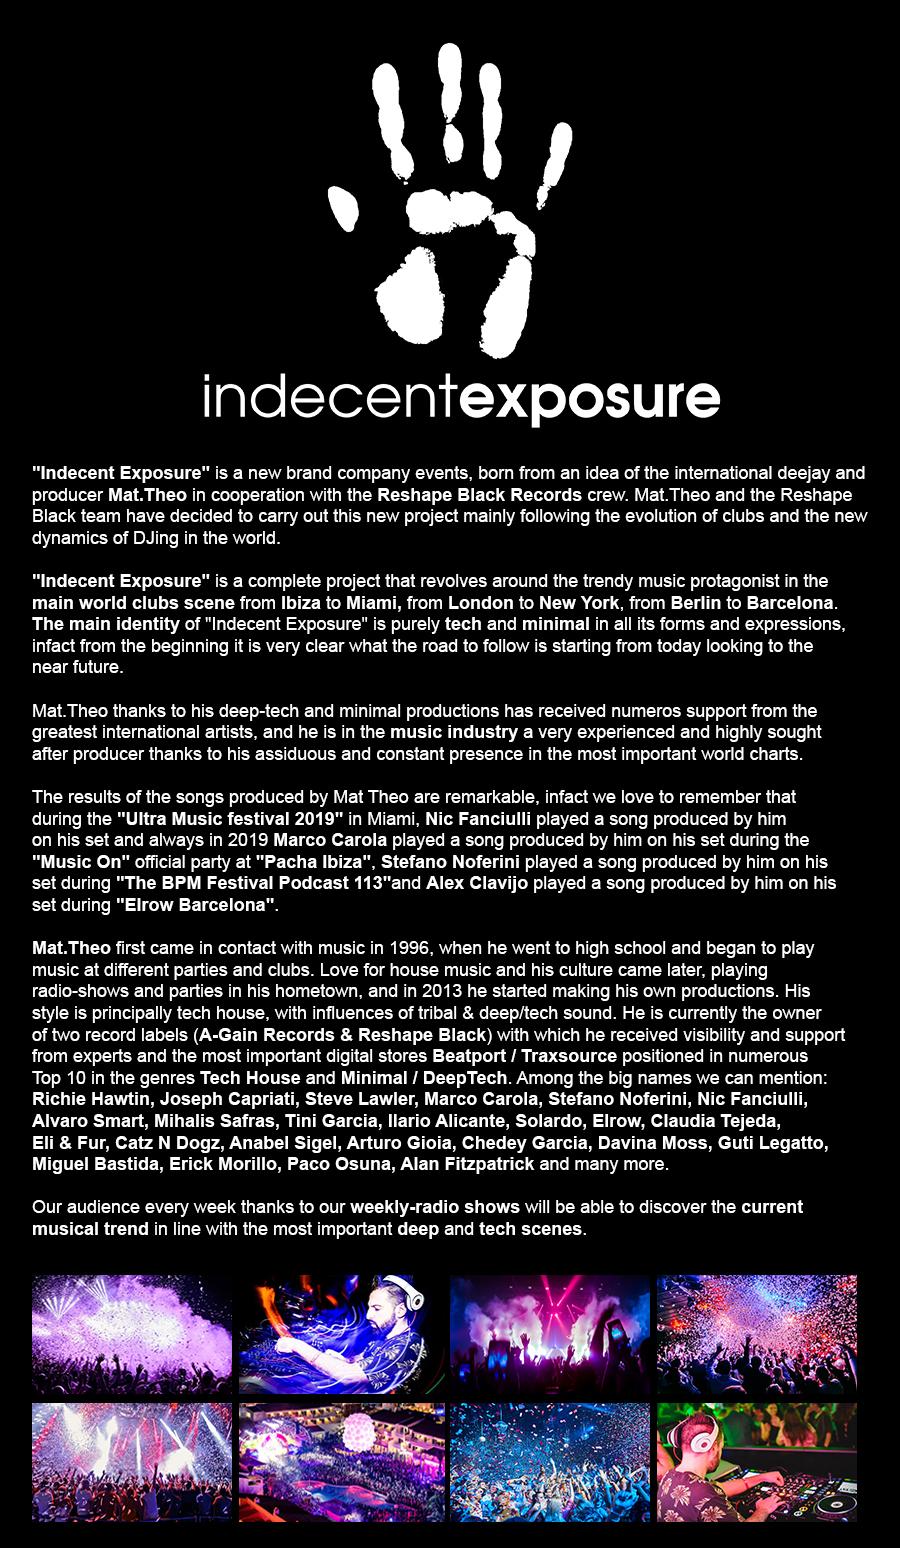 indecence-clubtelevision